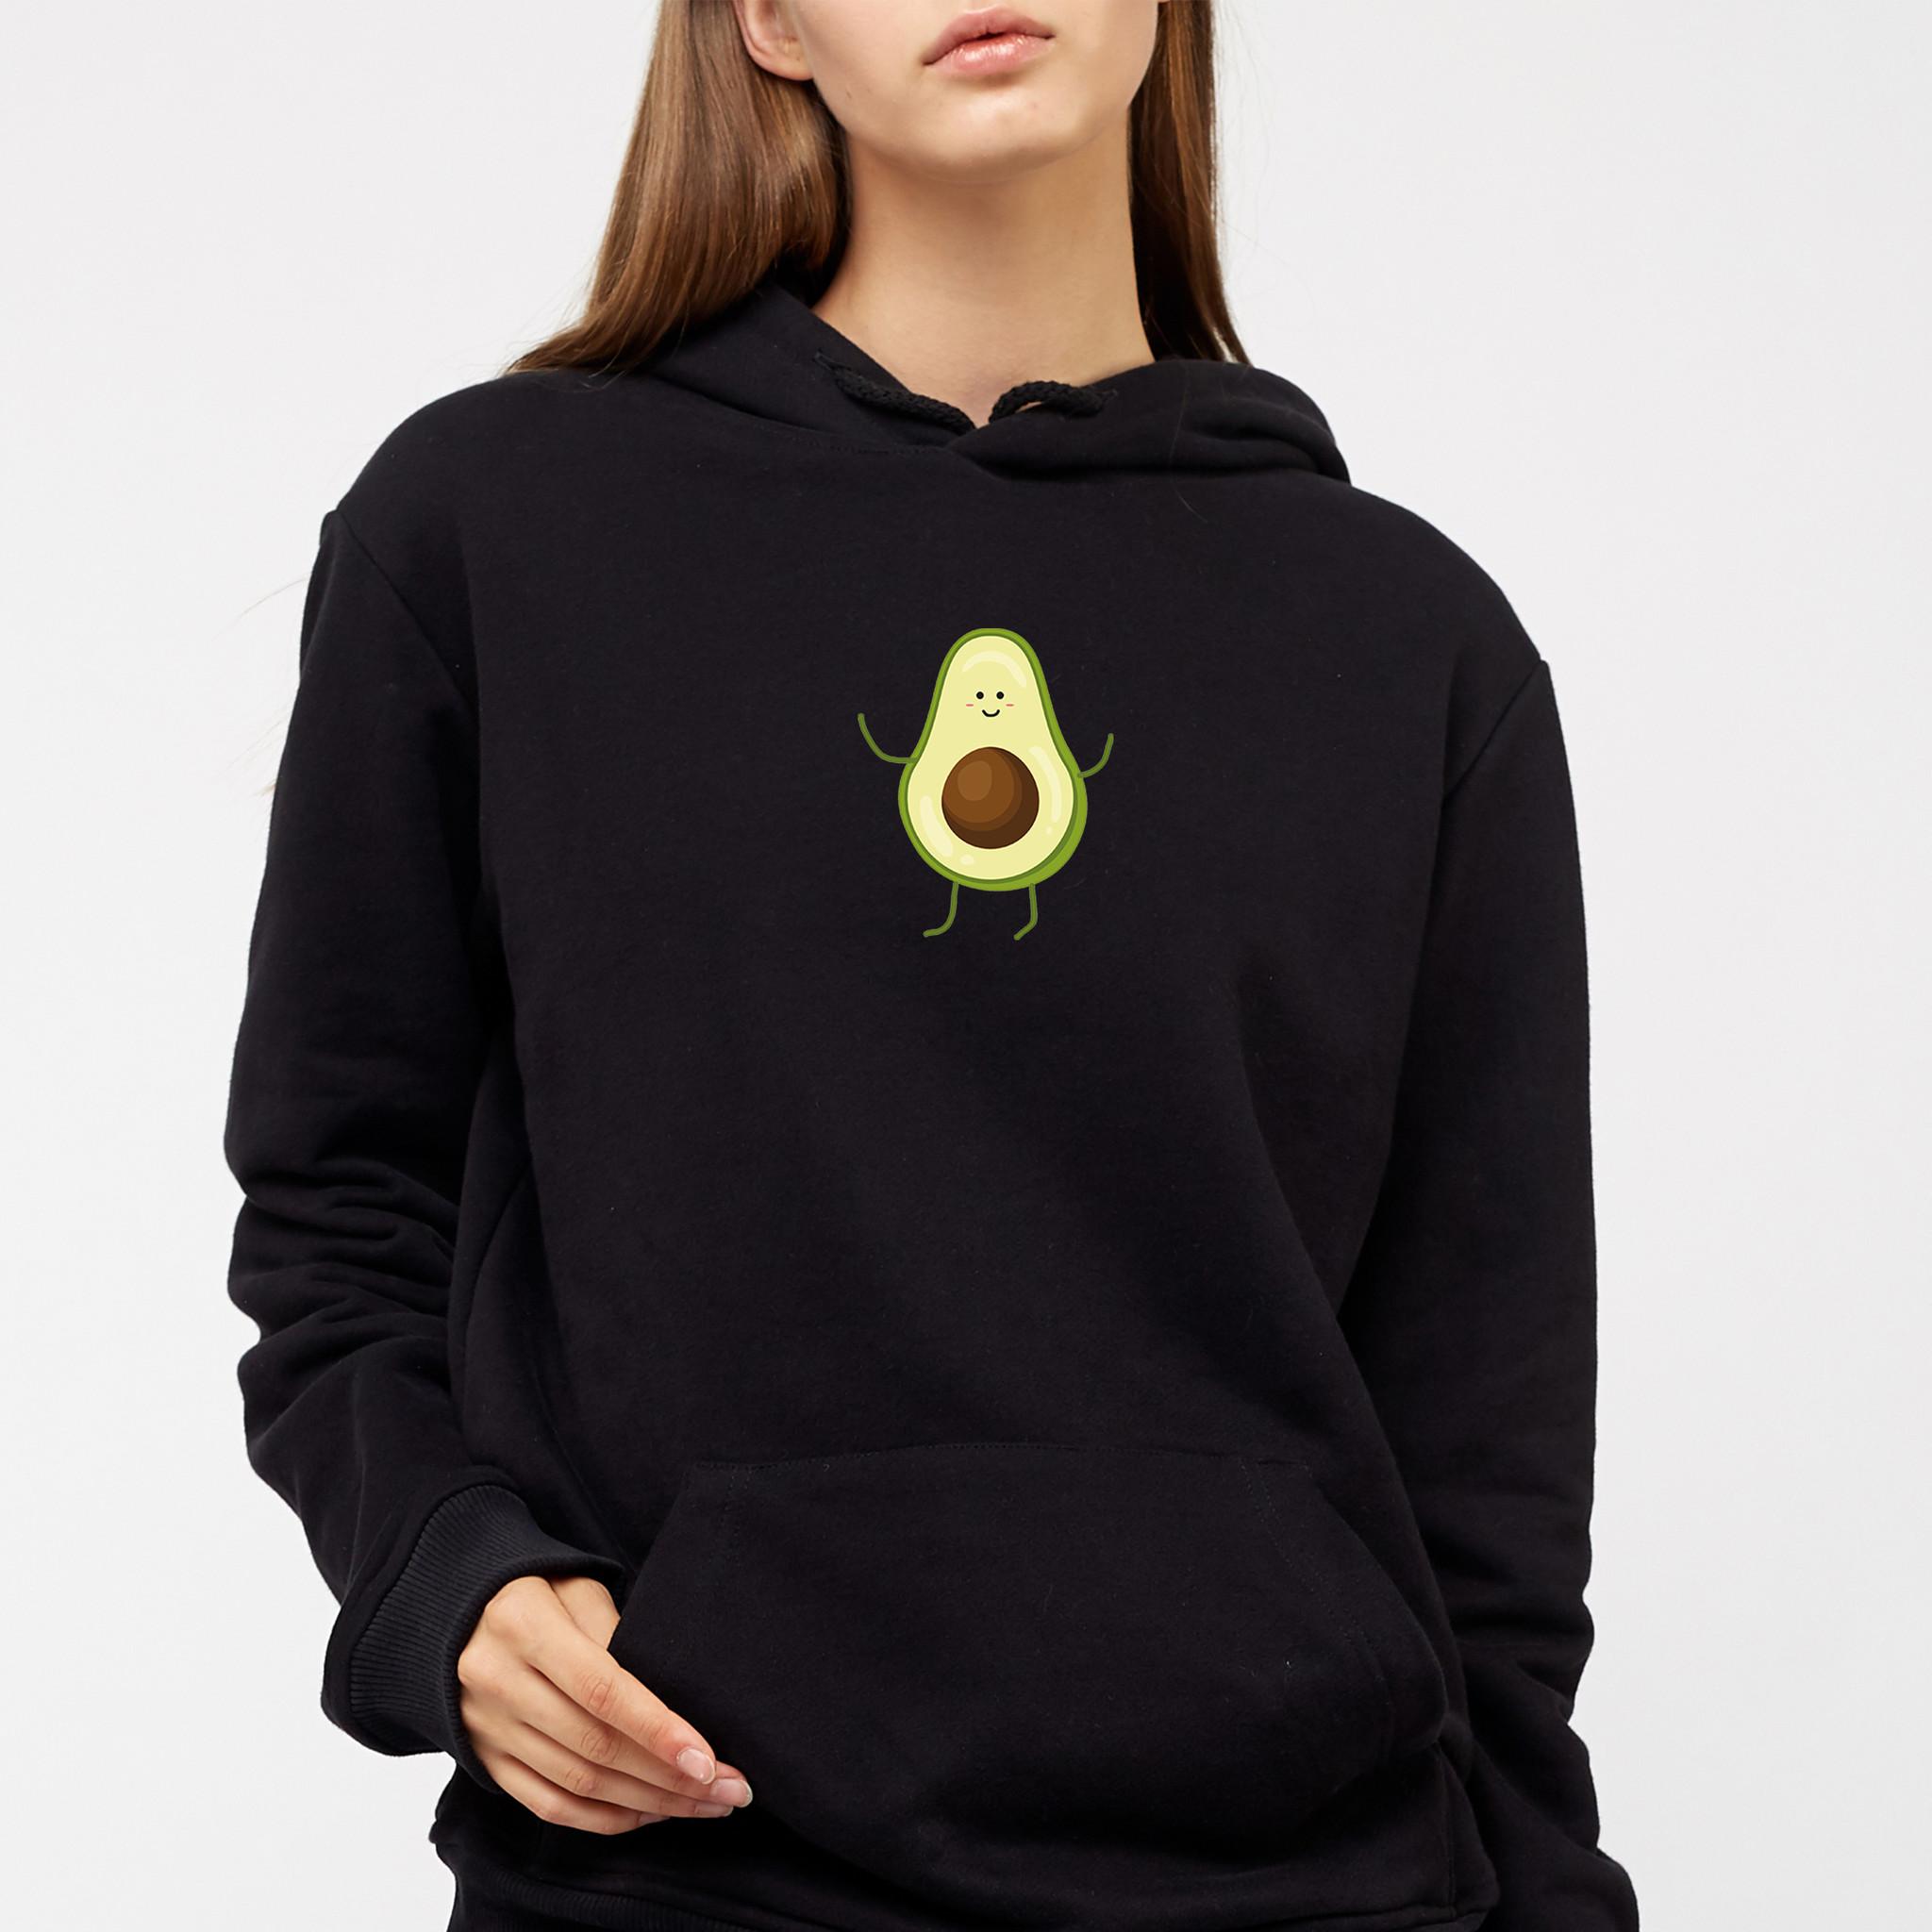 Hoodie avocado